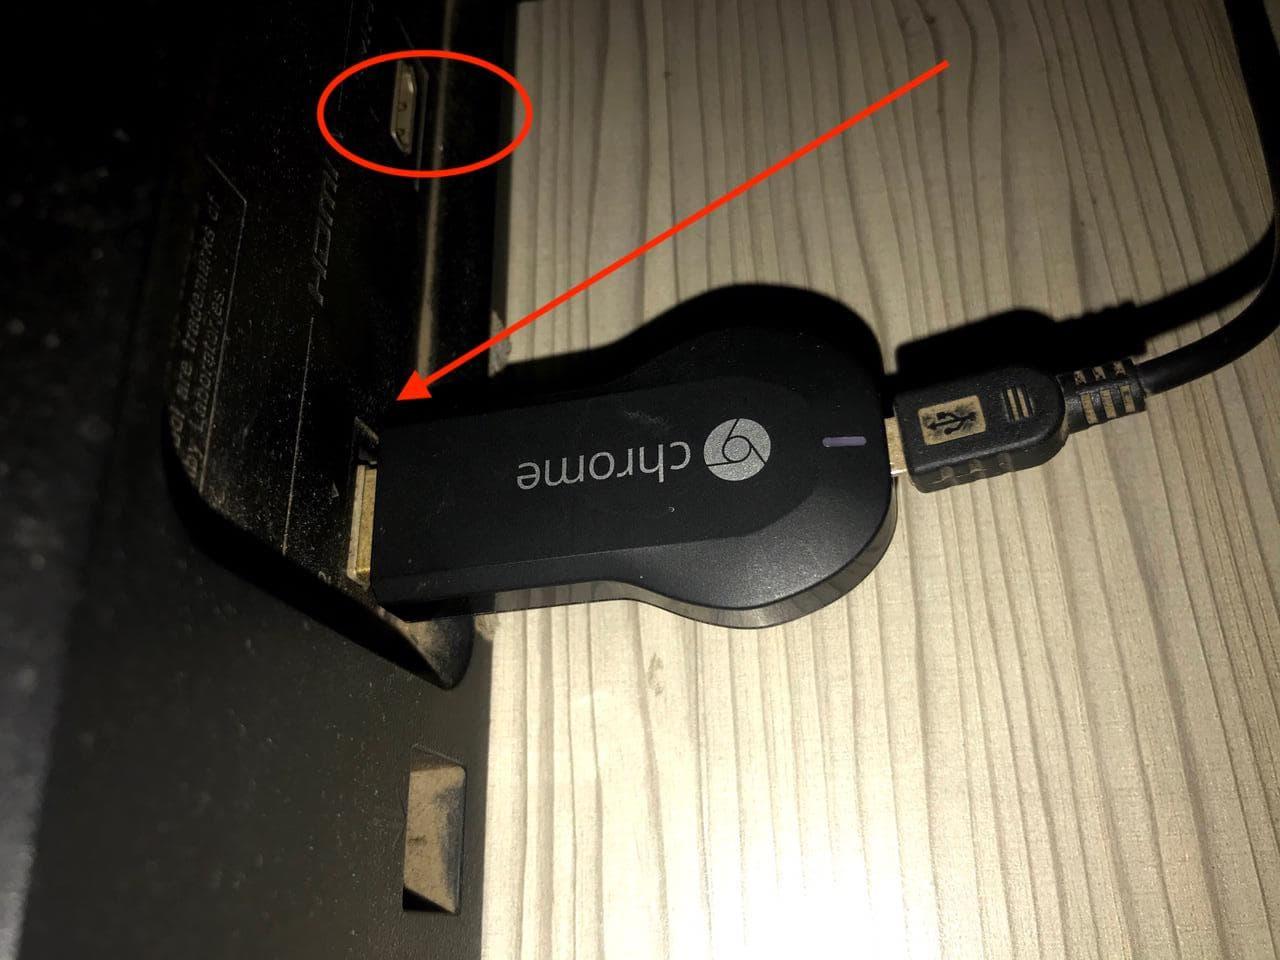 Google Chromecast no sound